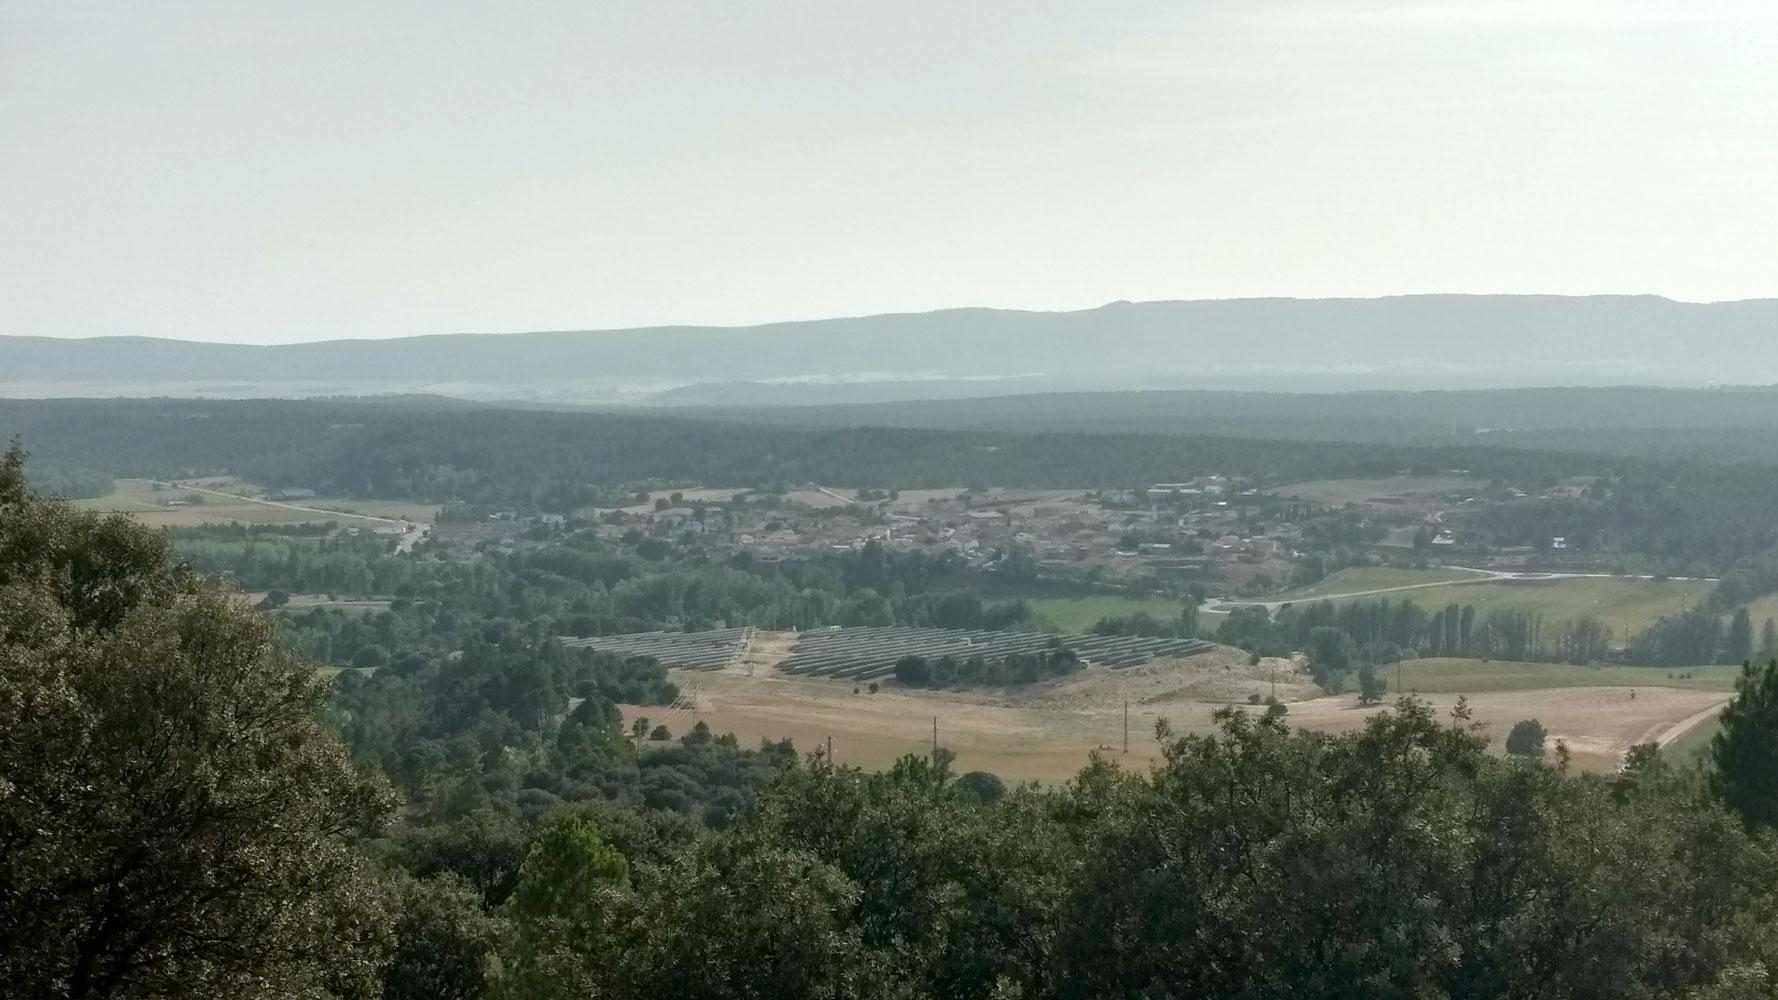 Que visitar en Villalba de la sierra